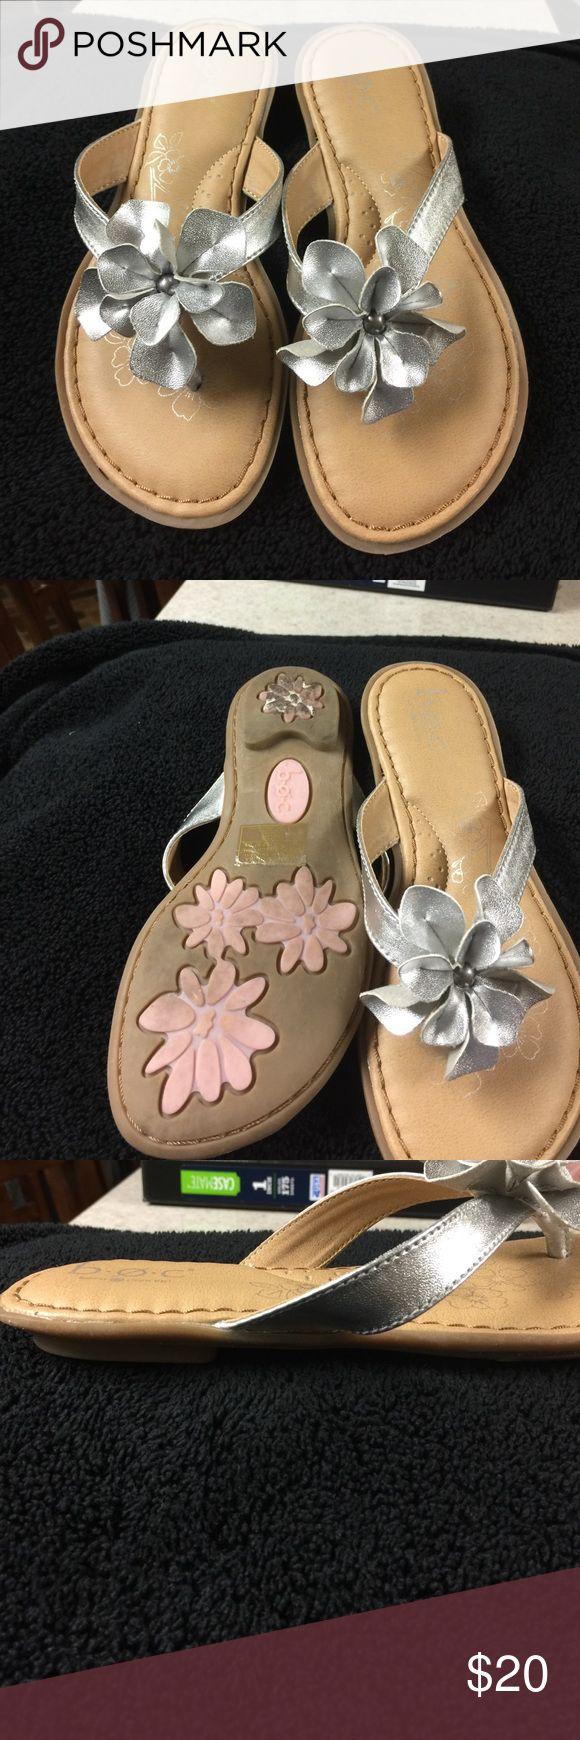 Girls BOC pewter sandals. Like new BOC pewter like new sandals for girls. Flower adorns top BOC Shoes Sandals & Flip Flops